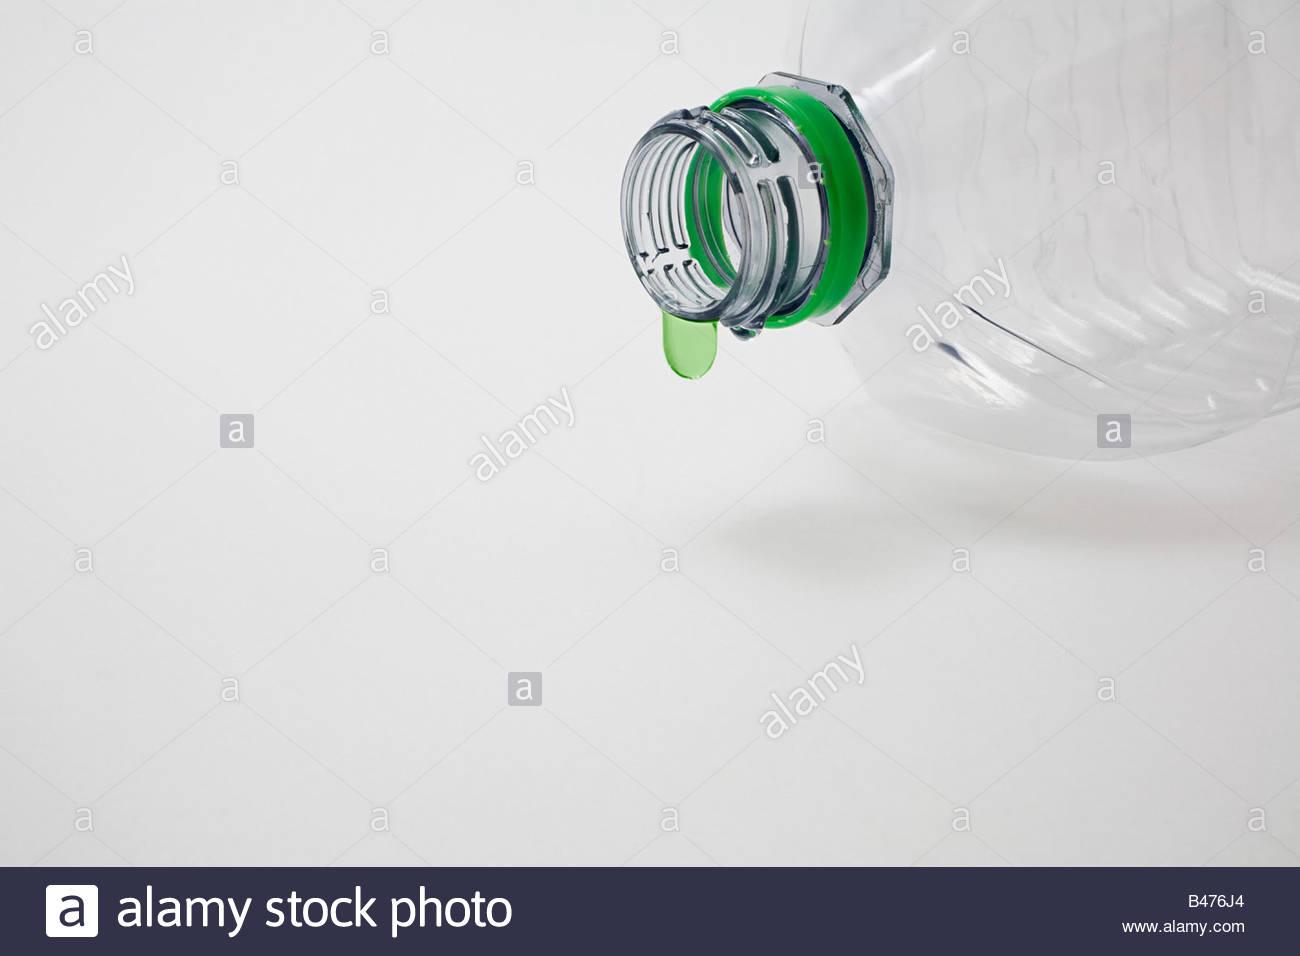 Ein grüner Tropfen auf einer Kunststoff-Flasche Stockbild